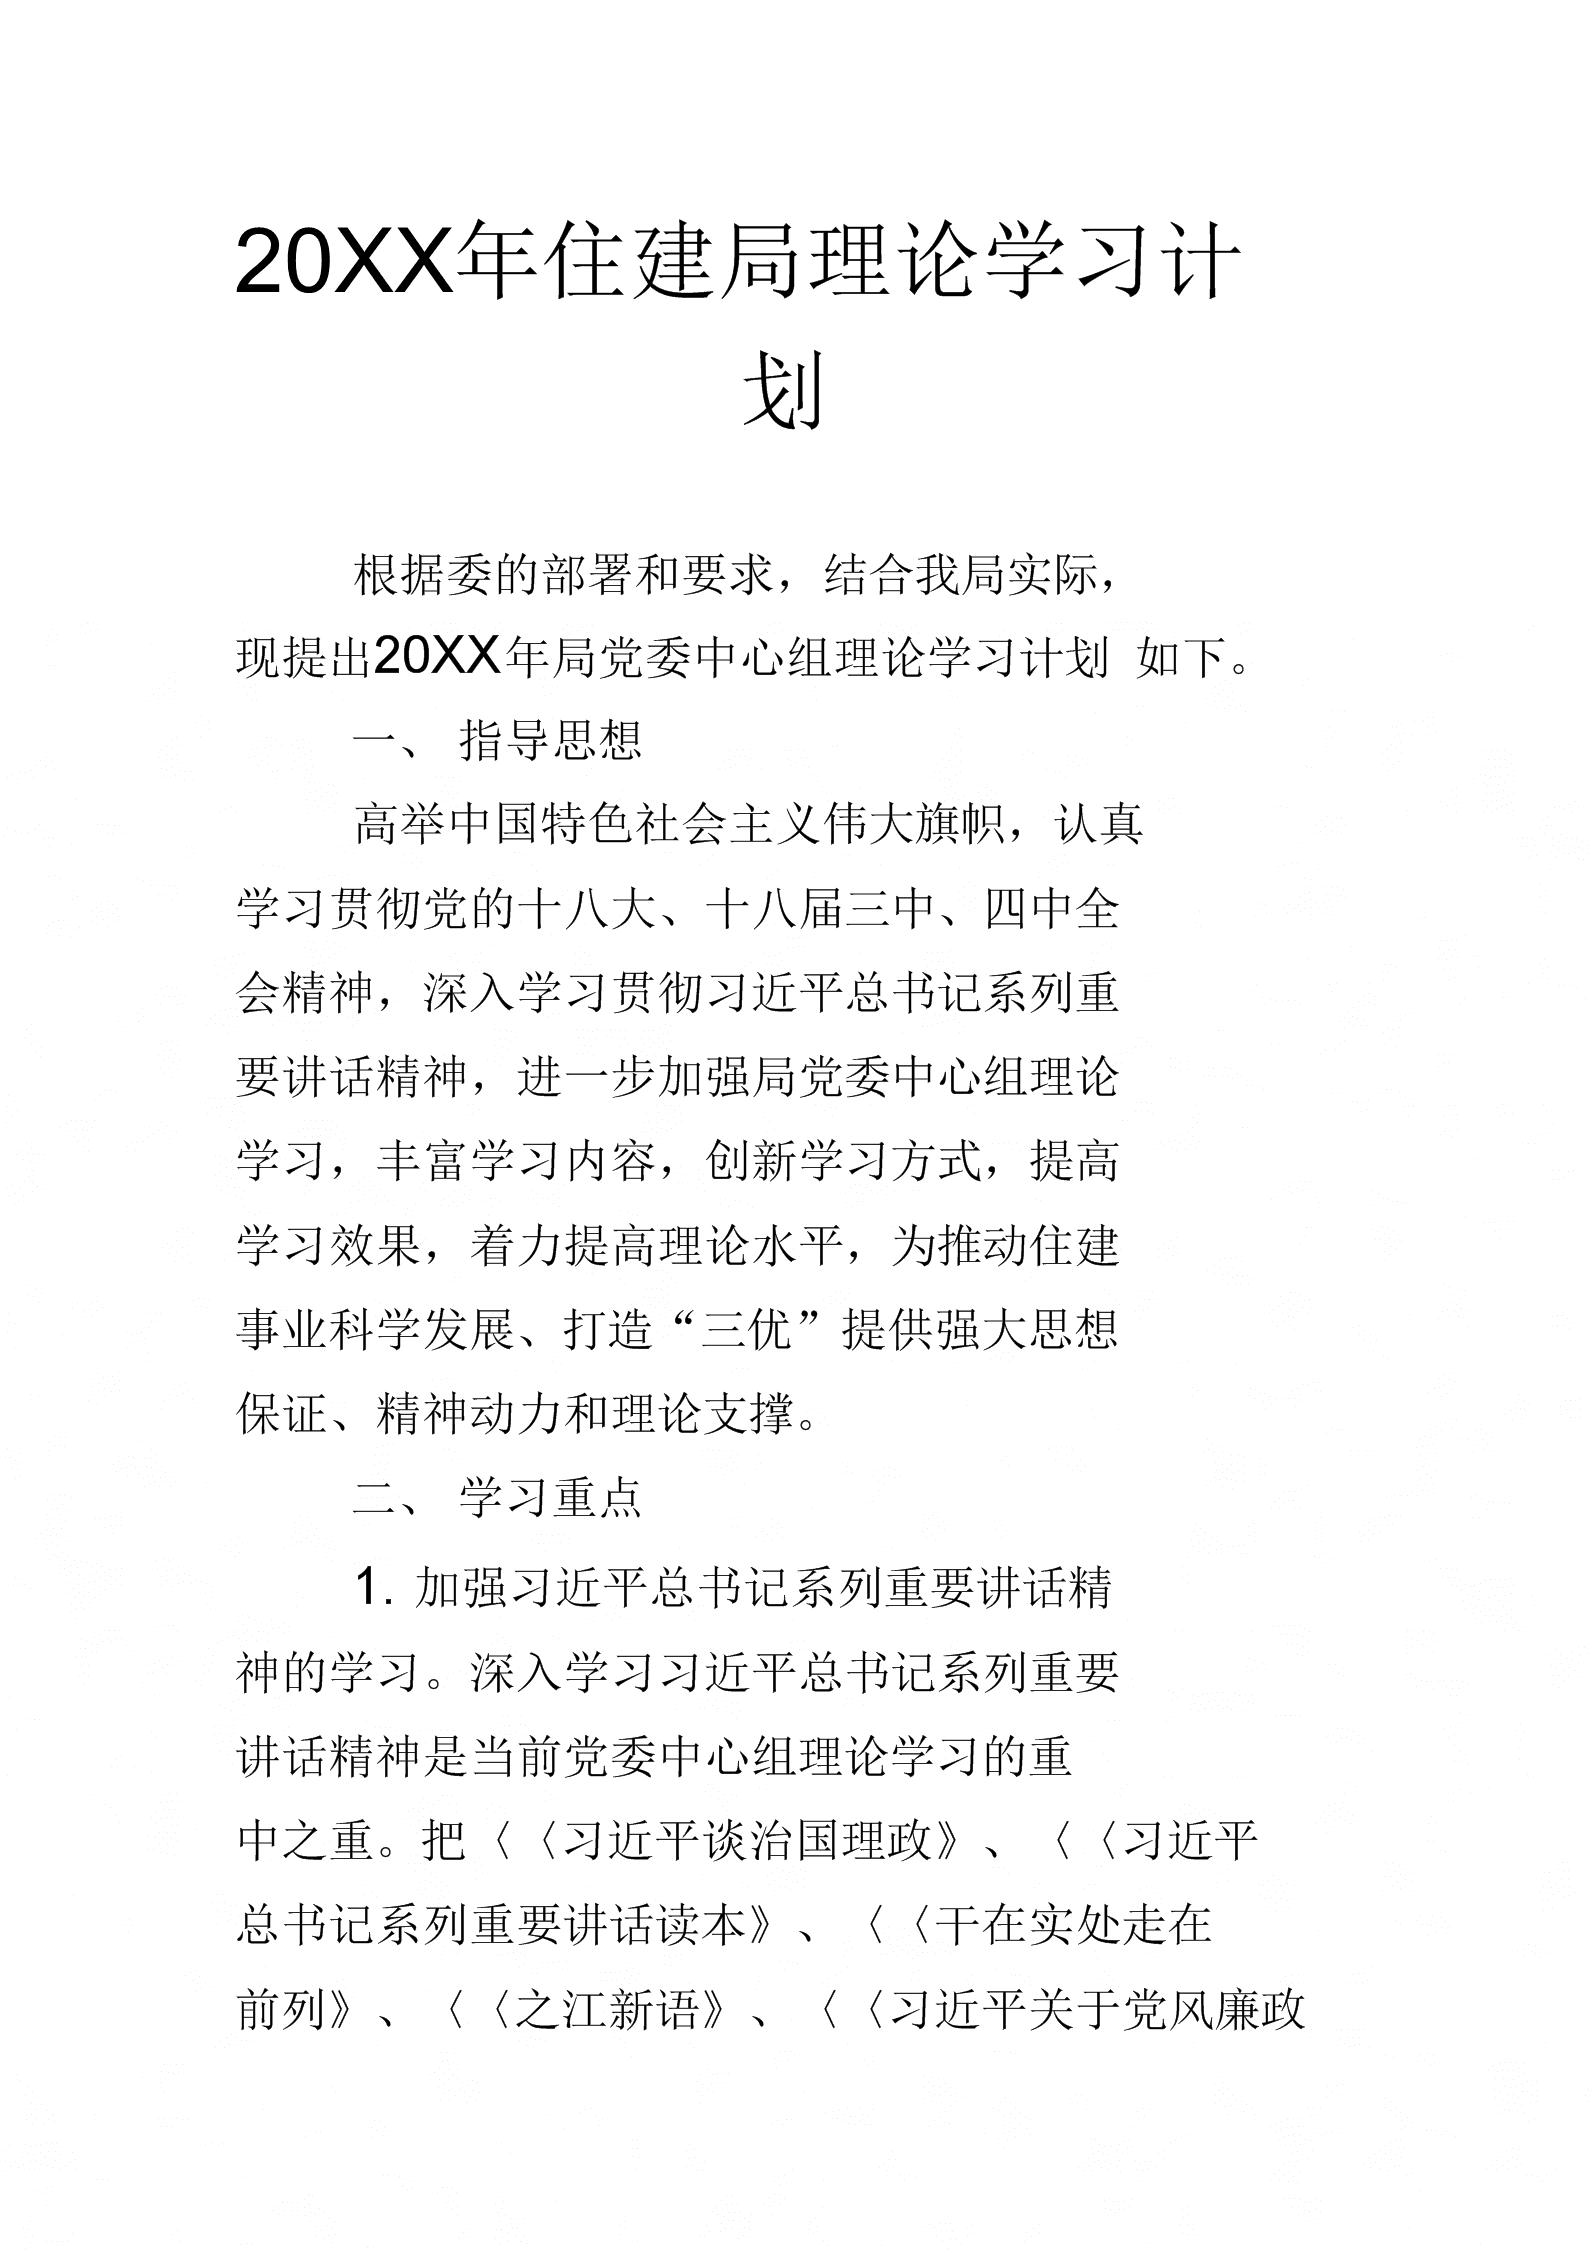 20XX年住建局理论学习计划.docx